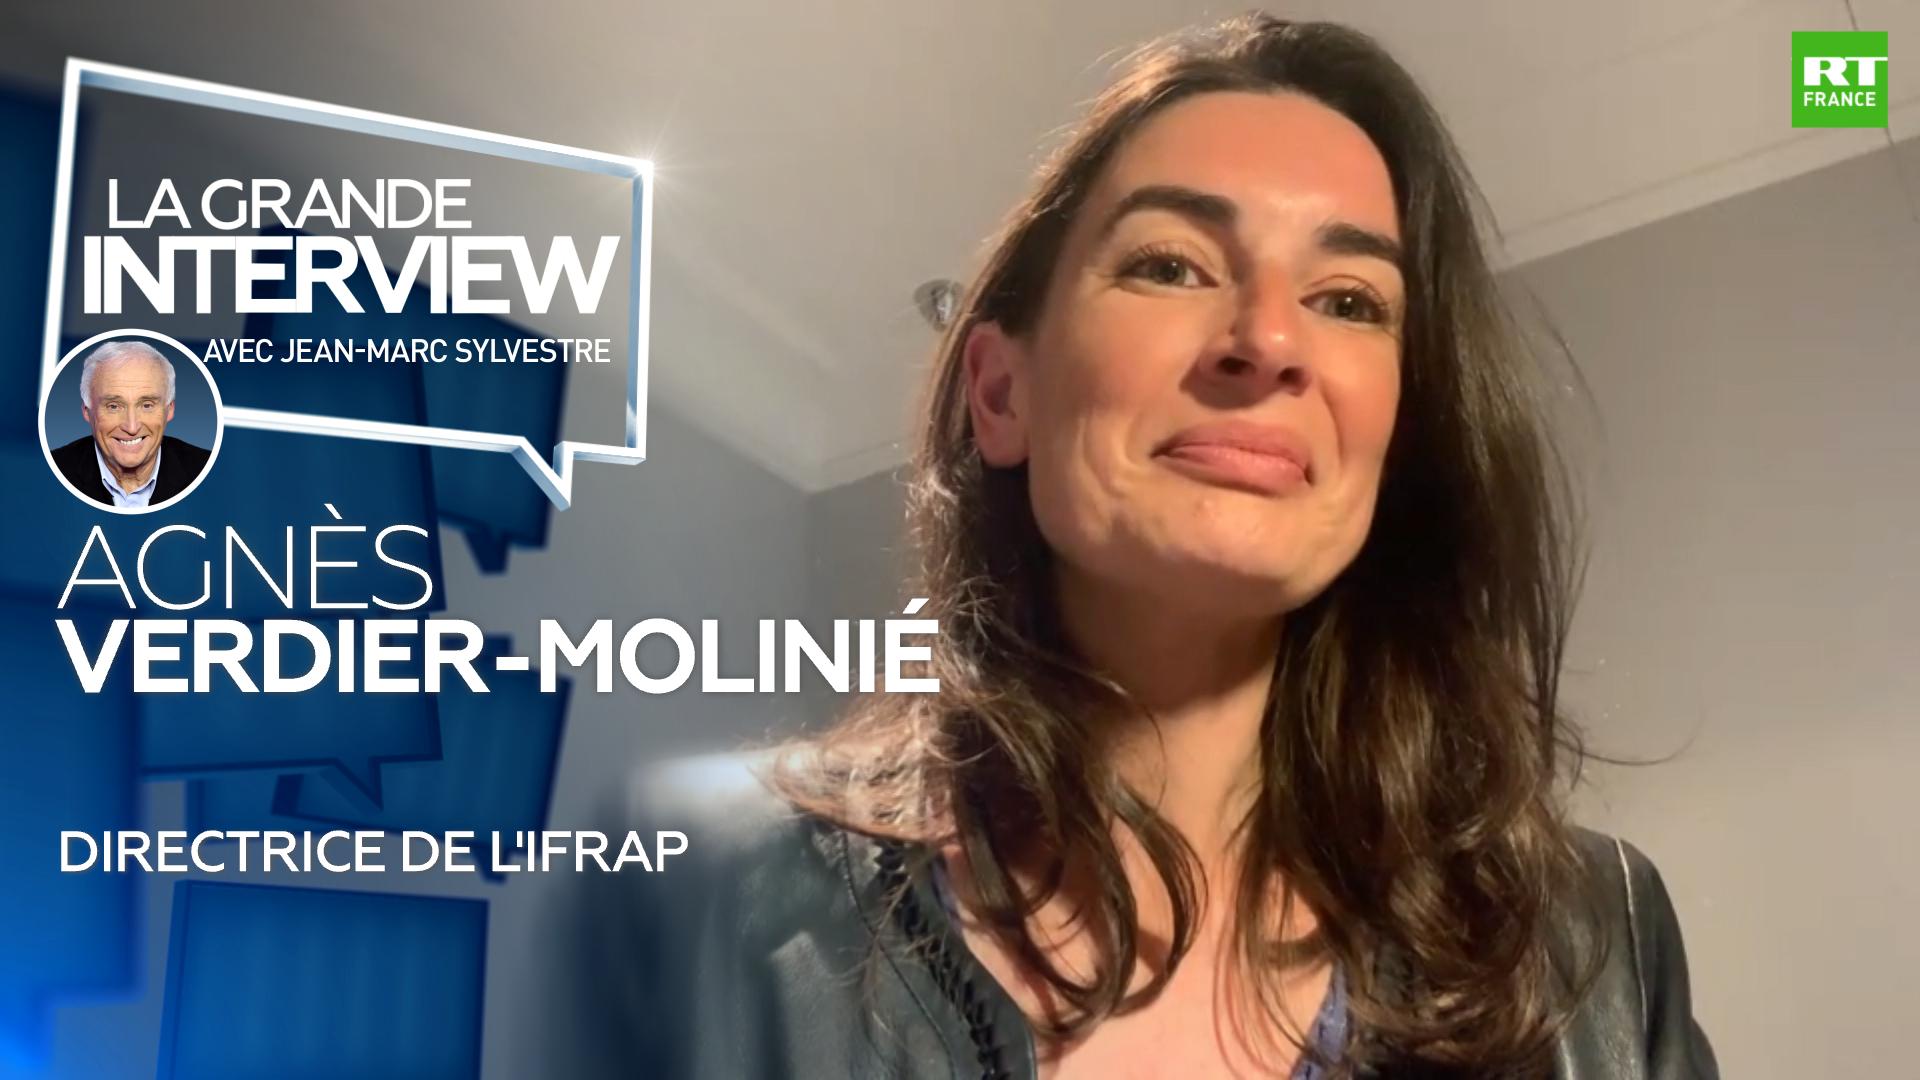 La Grande Interview avec Jean-Marc Sylvestre : Agnès